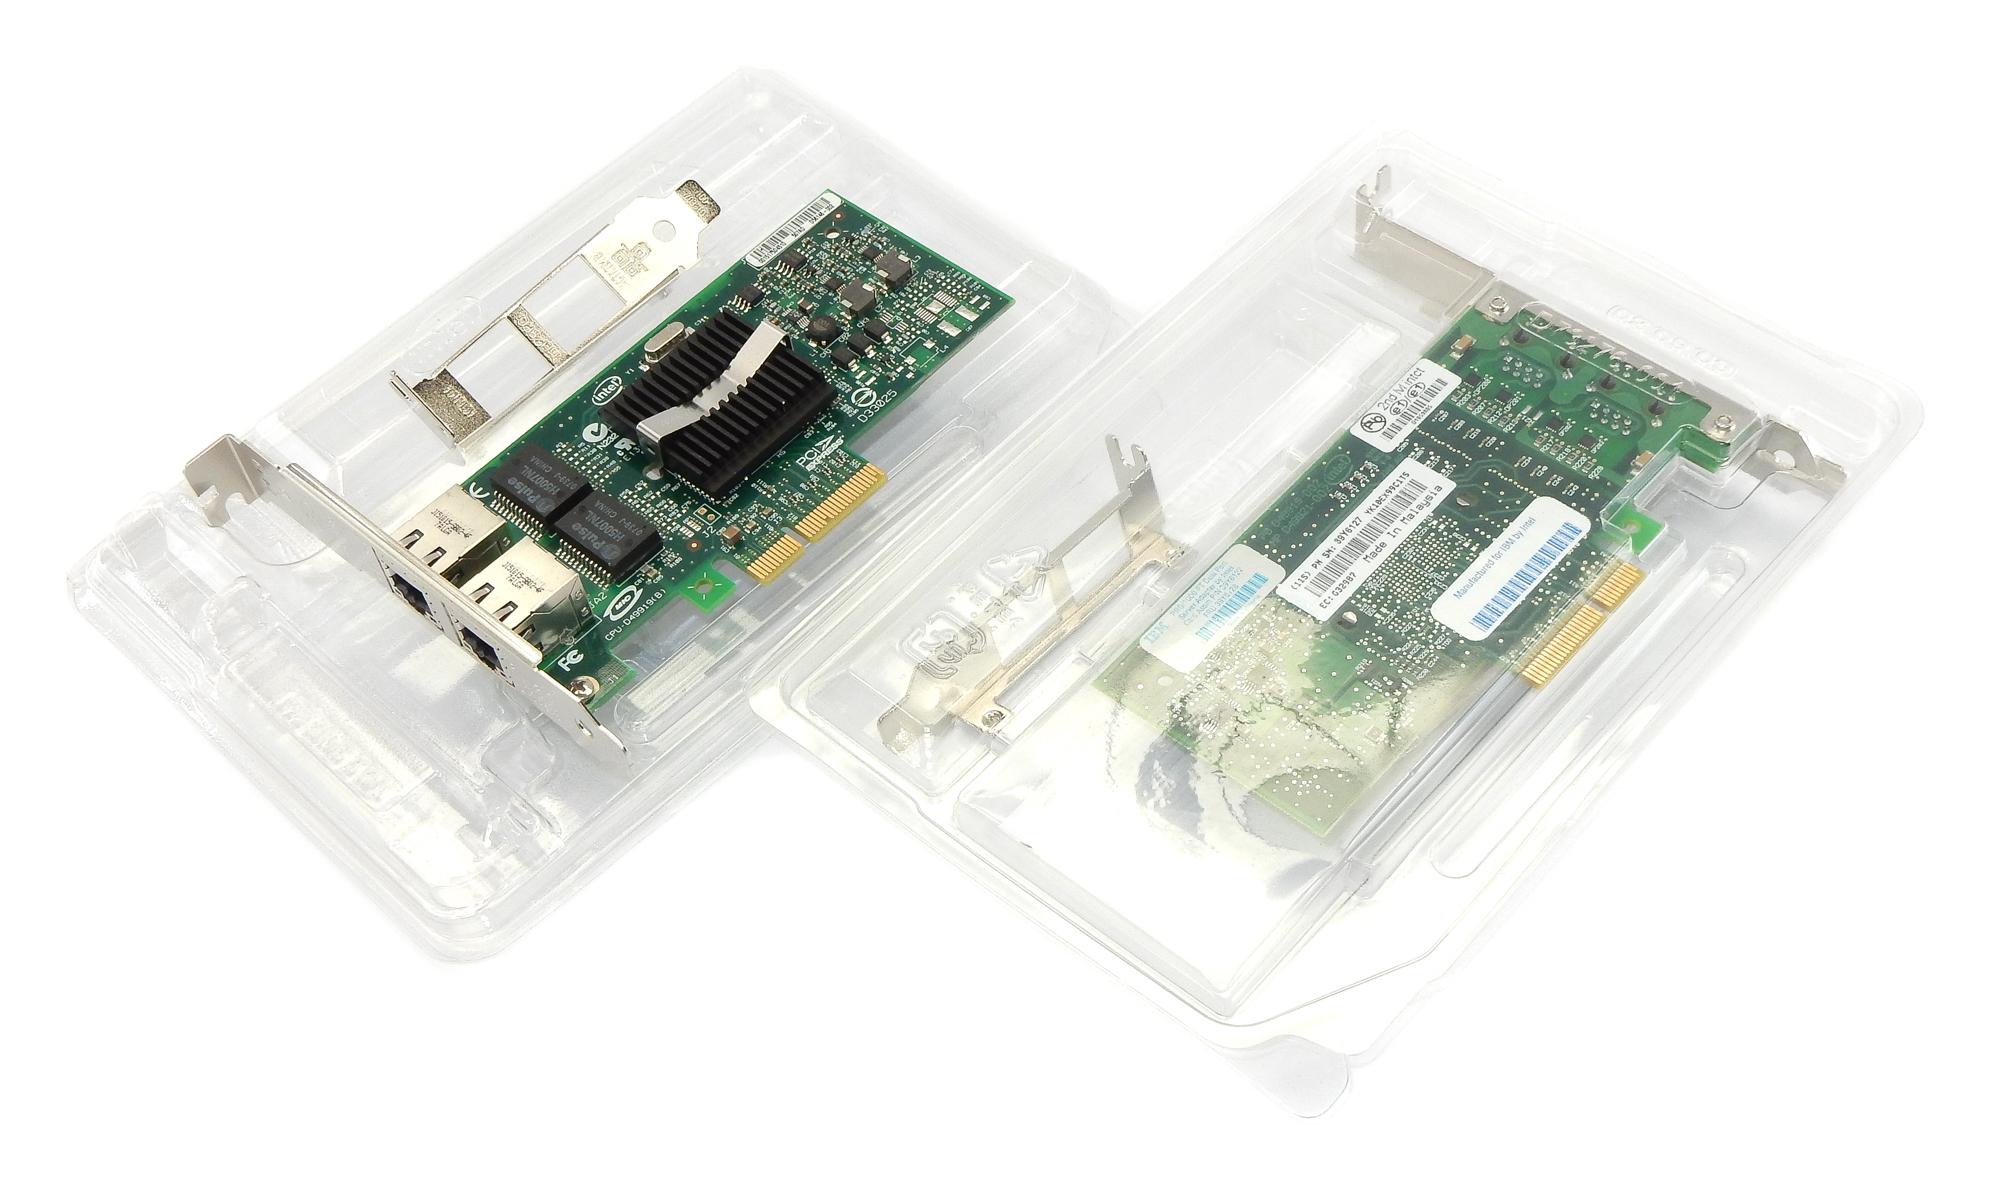 2x New IBM 39Y6127 PCI-e Dual Port Gigabit Ethernet Network Card 39Y6128